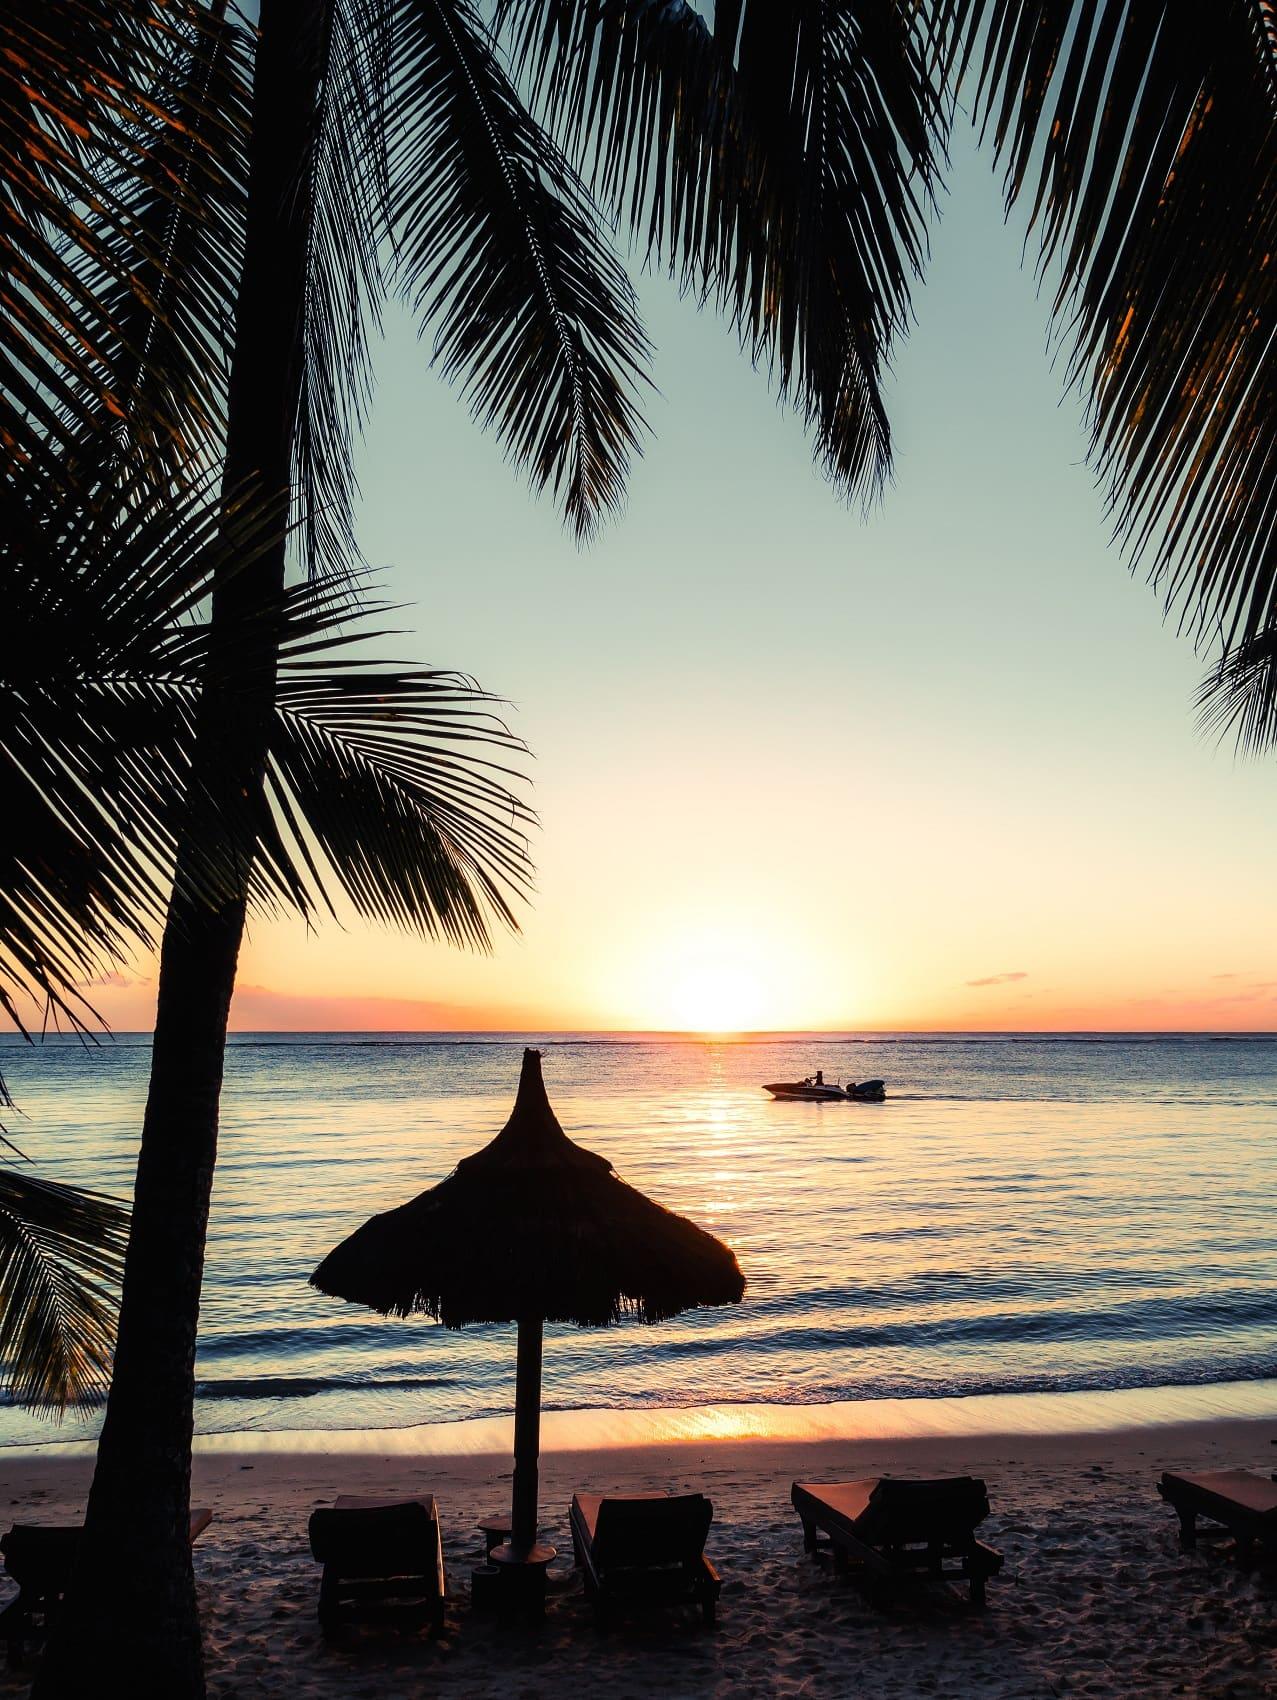 Die Sonnenuntergänge sind ein Spektakel für sich auf Mauritius.